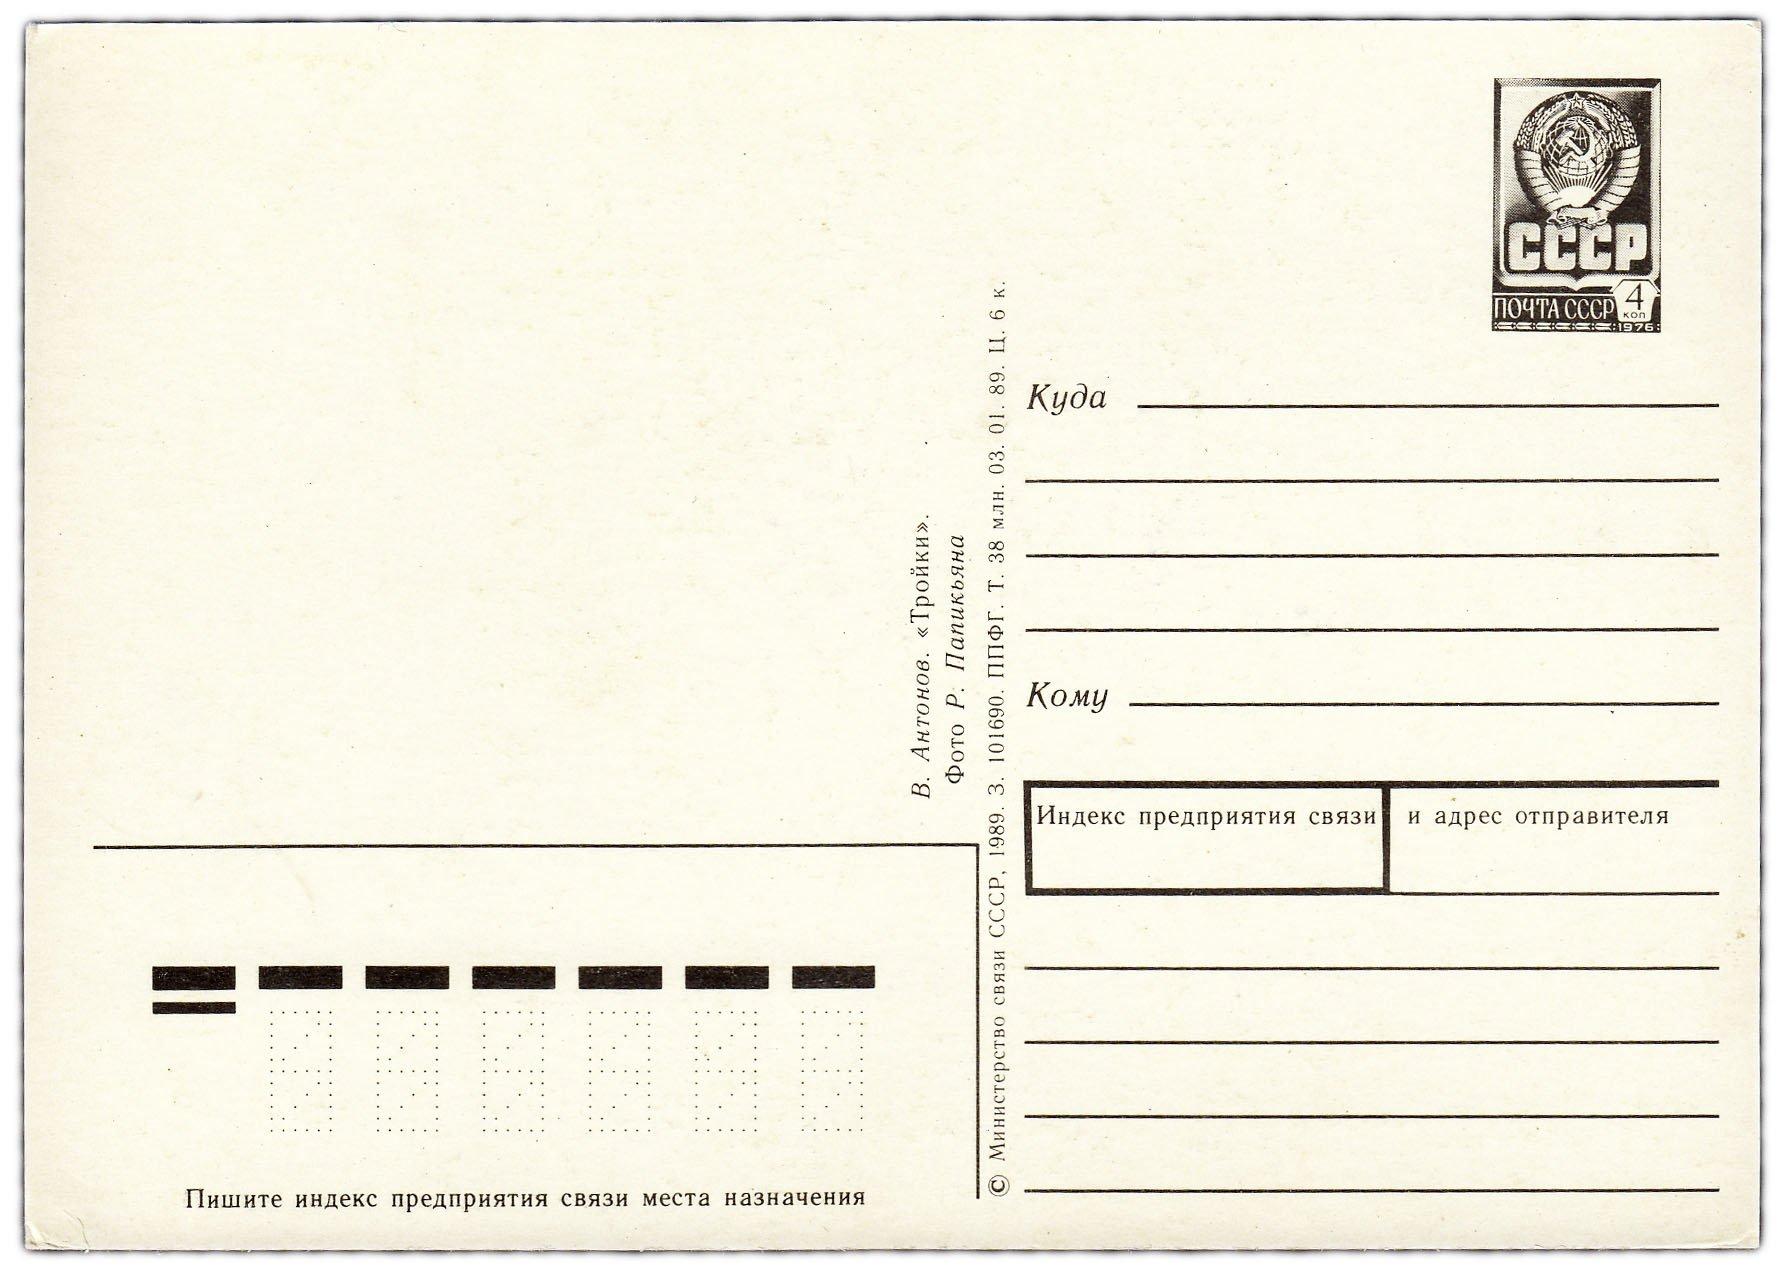 Бракосочетания, советская открытка шаблон